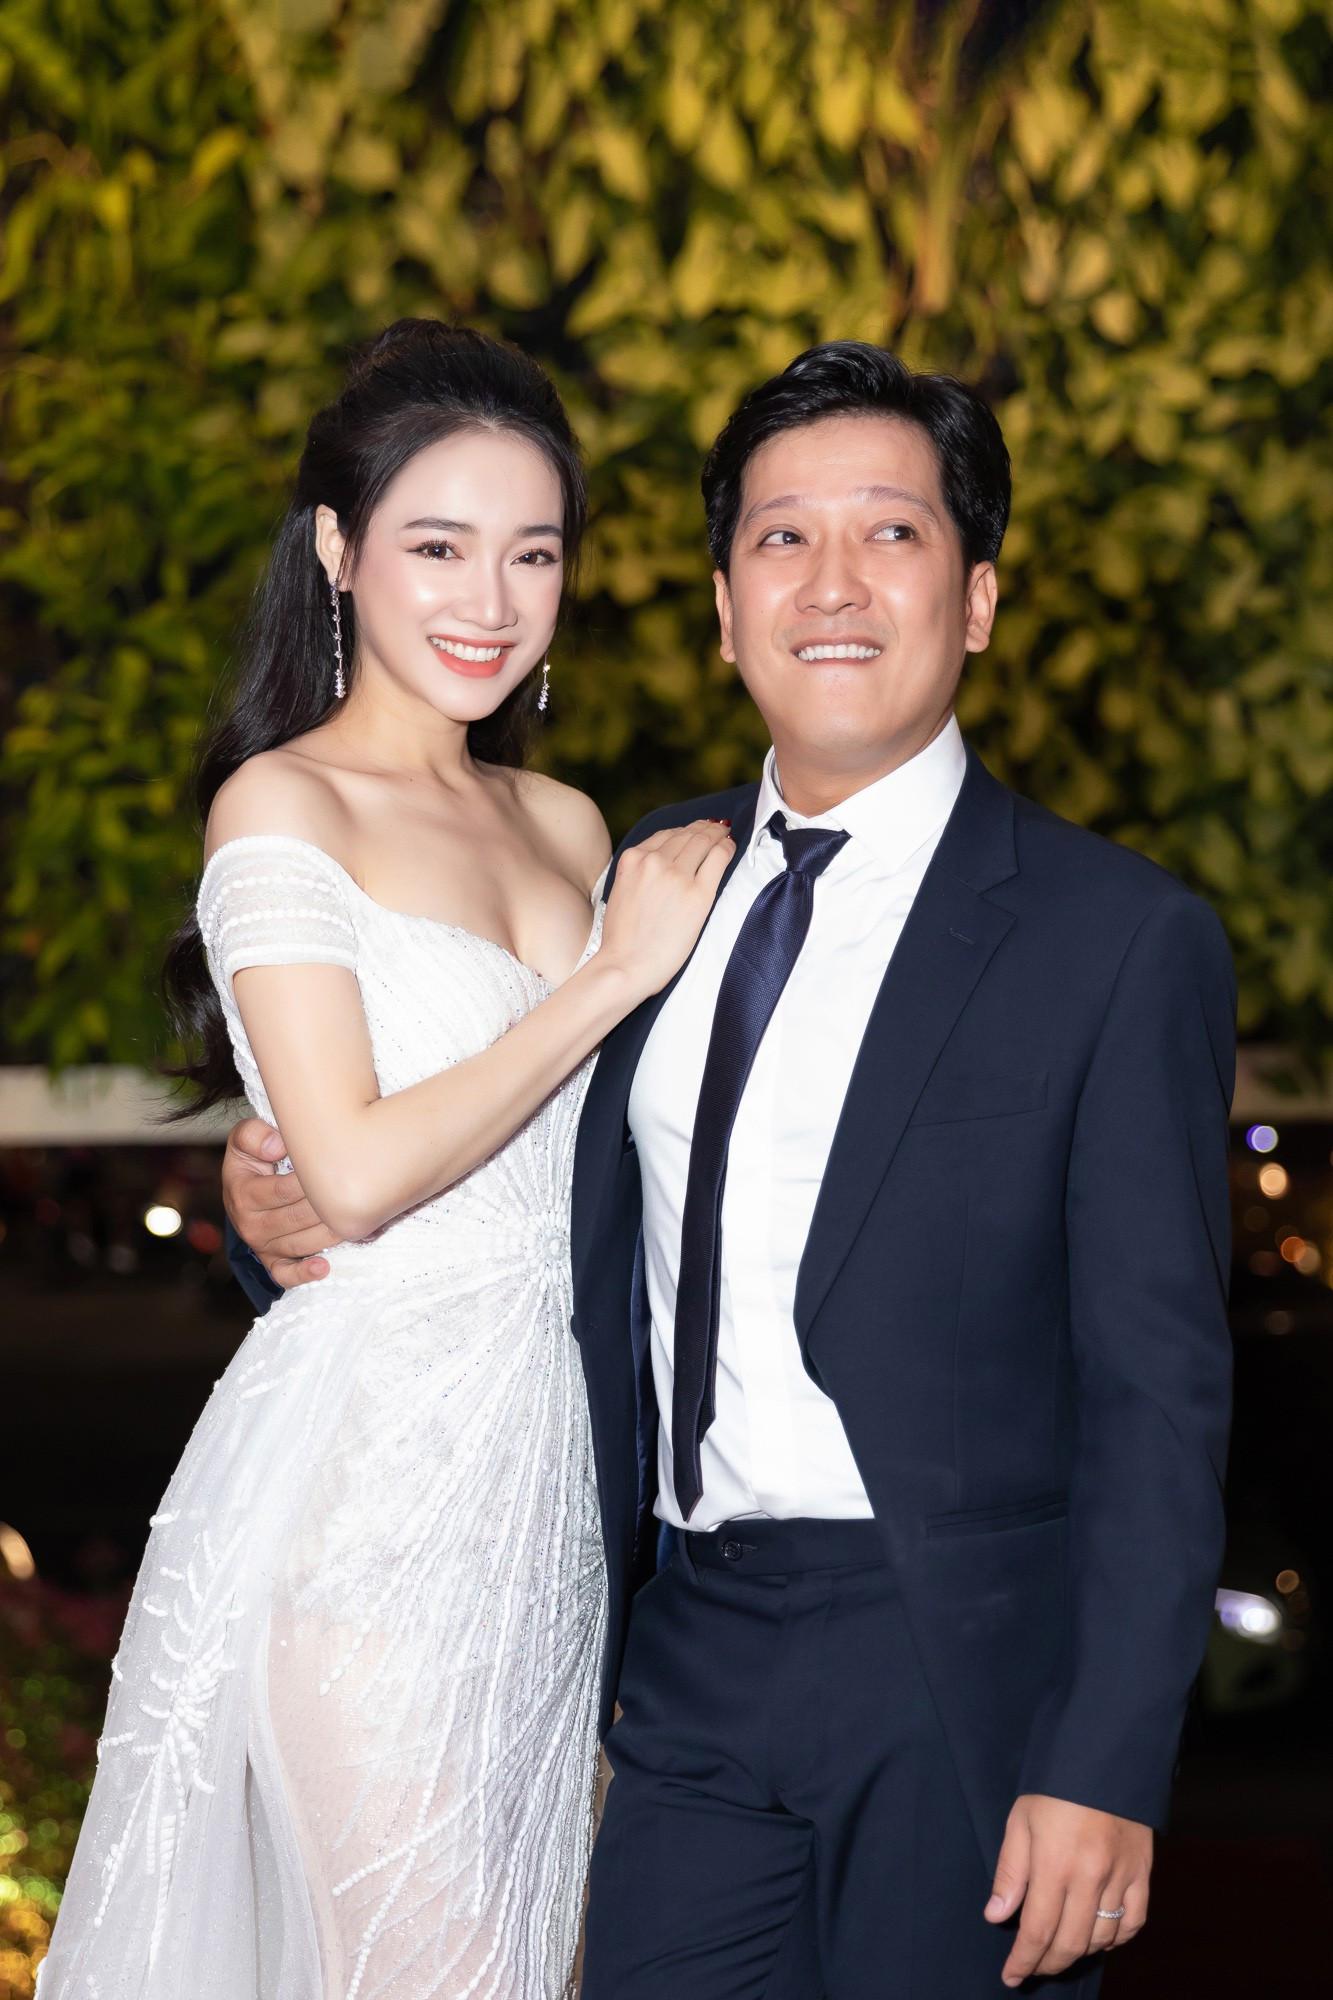 Nhã Phương - Trường Giang tay đan tay, lần đầu lộ diện cùng nhau sau nửa năm tổ chức đám cưới